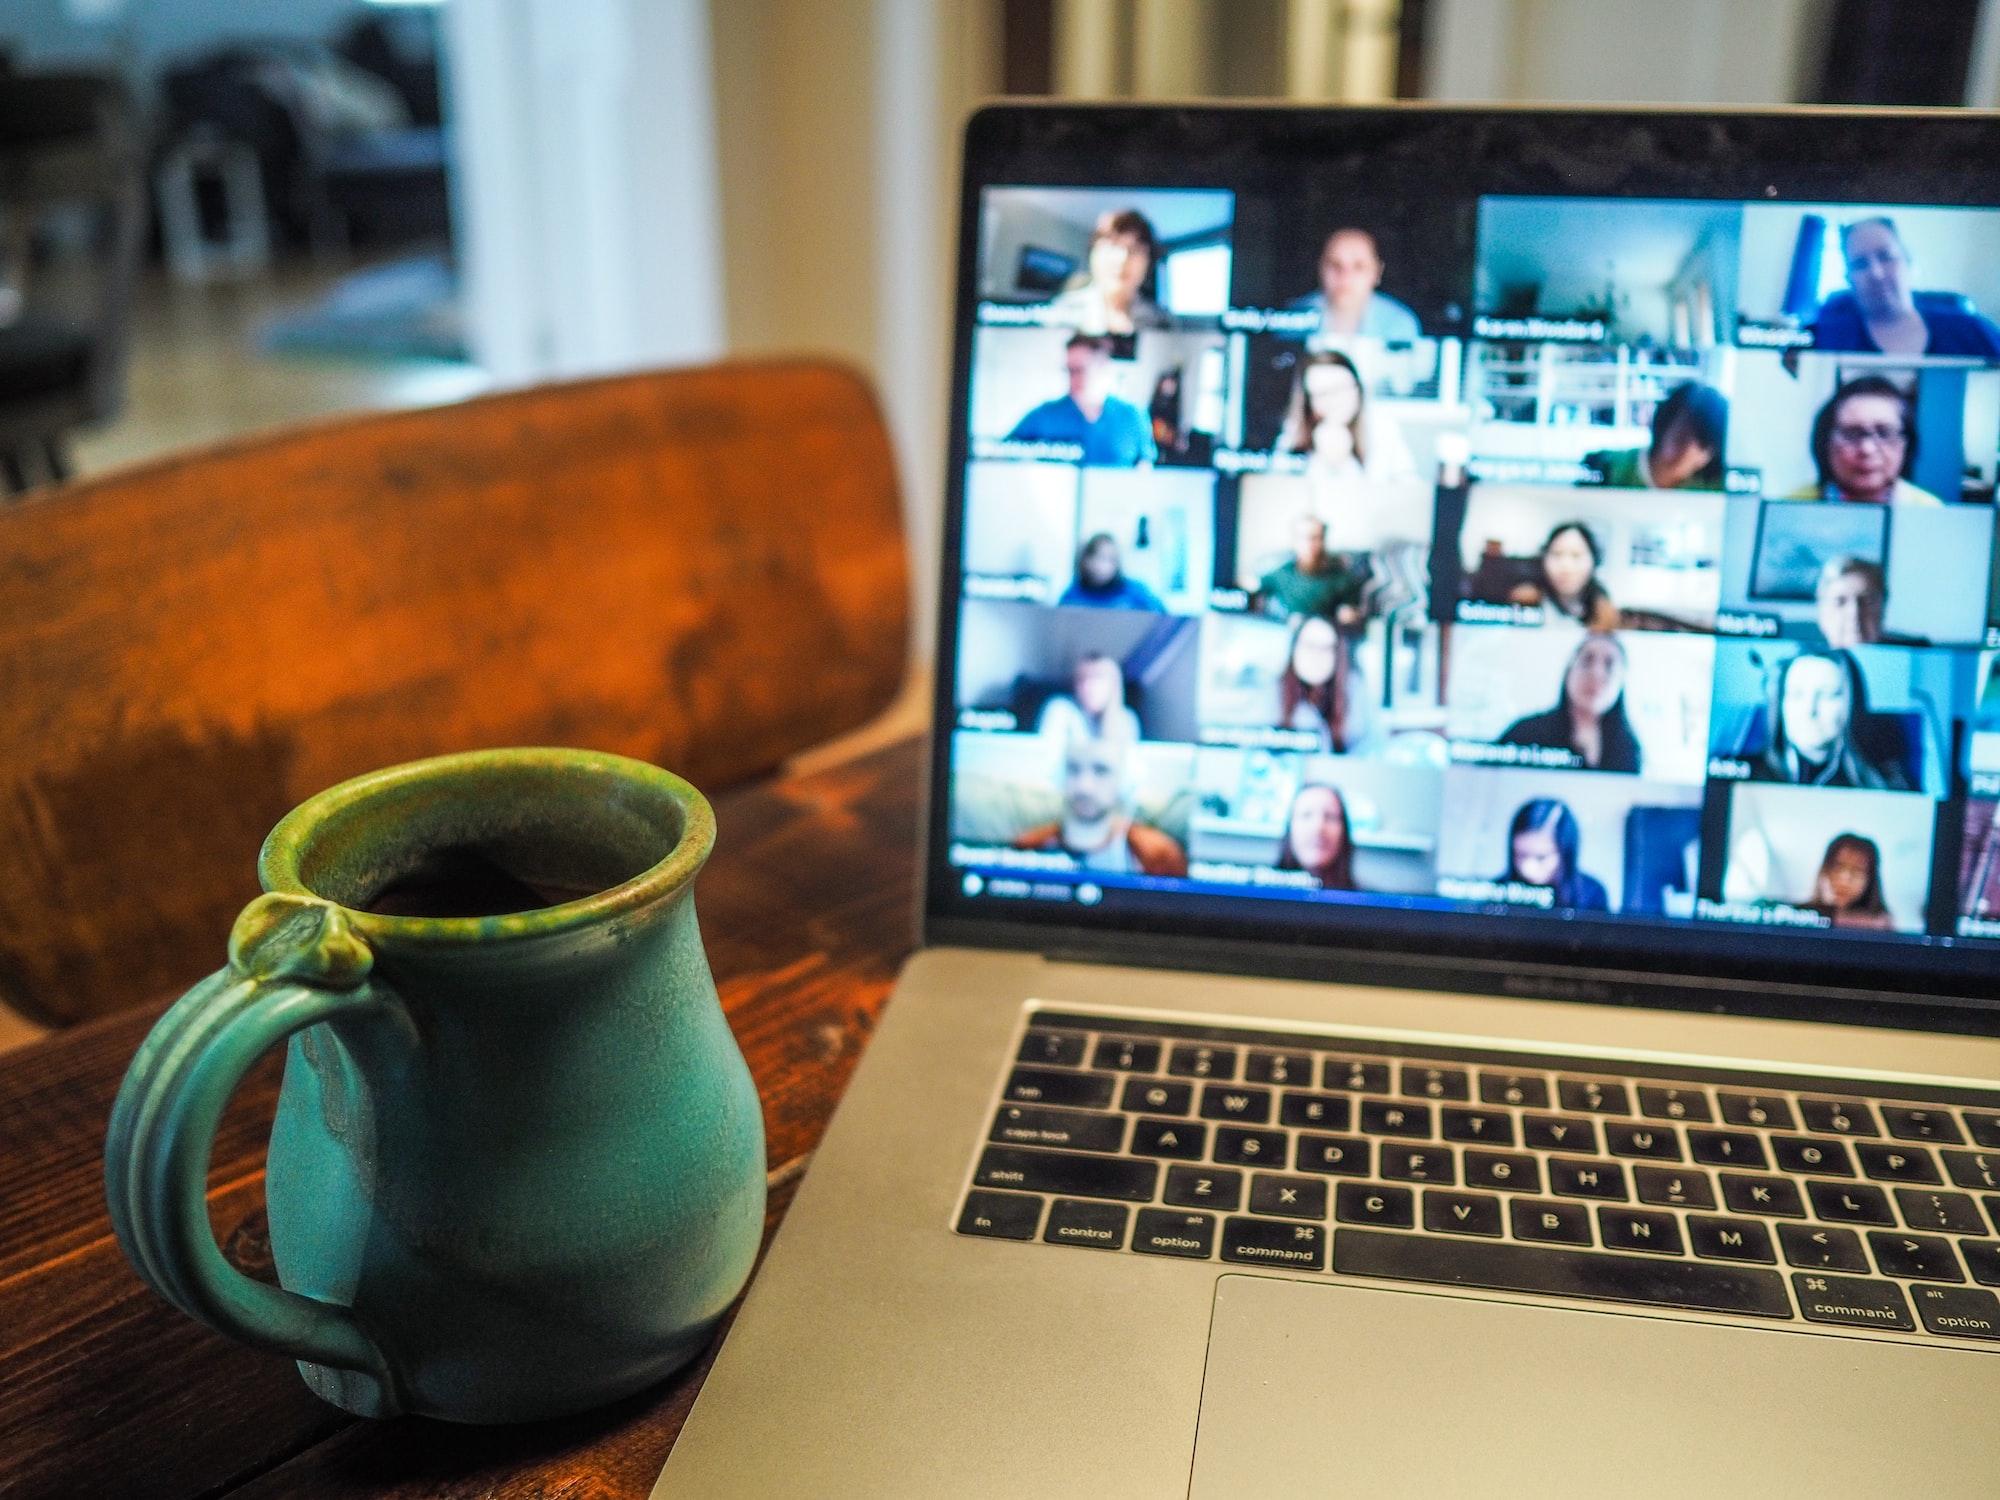 Videokonferenzen mit Jitsi Meet